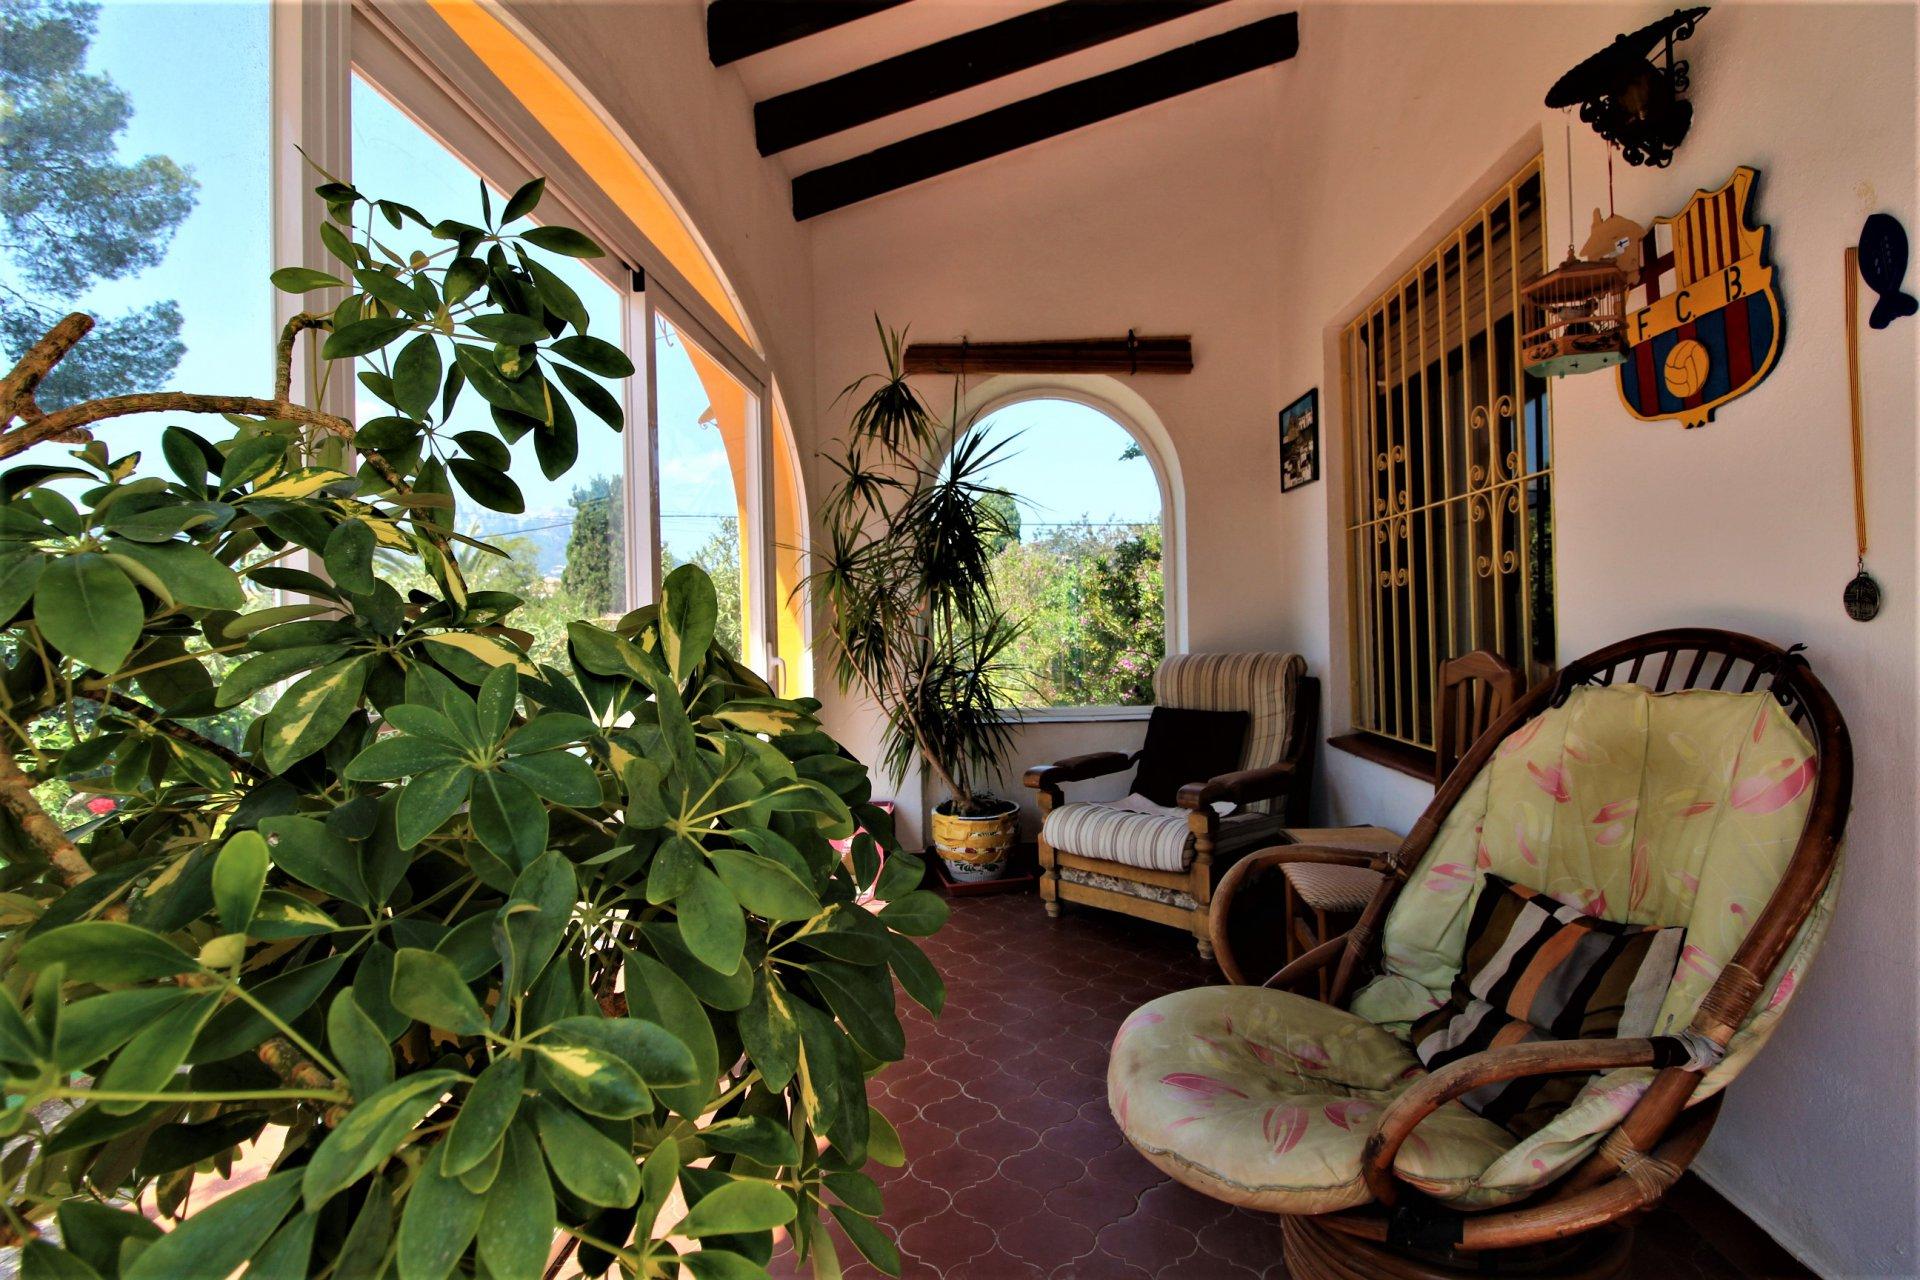 Private en gelijkvloerse villa op wandelafstand van strand en centrum